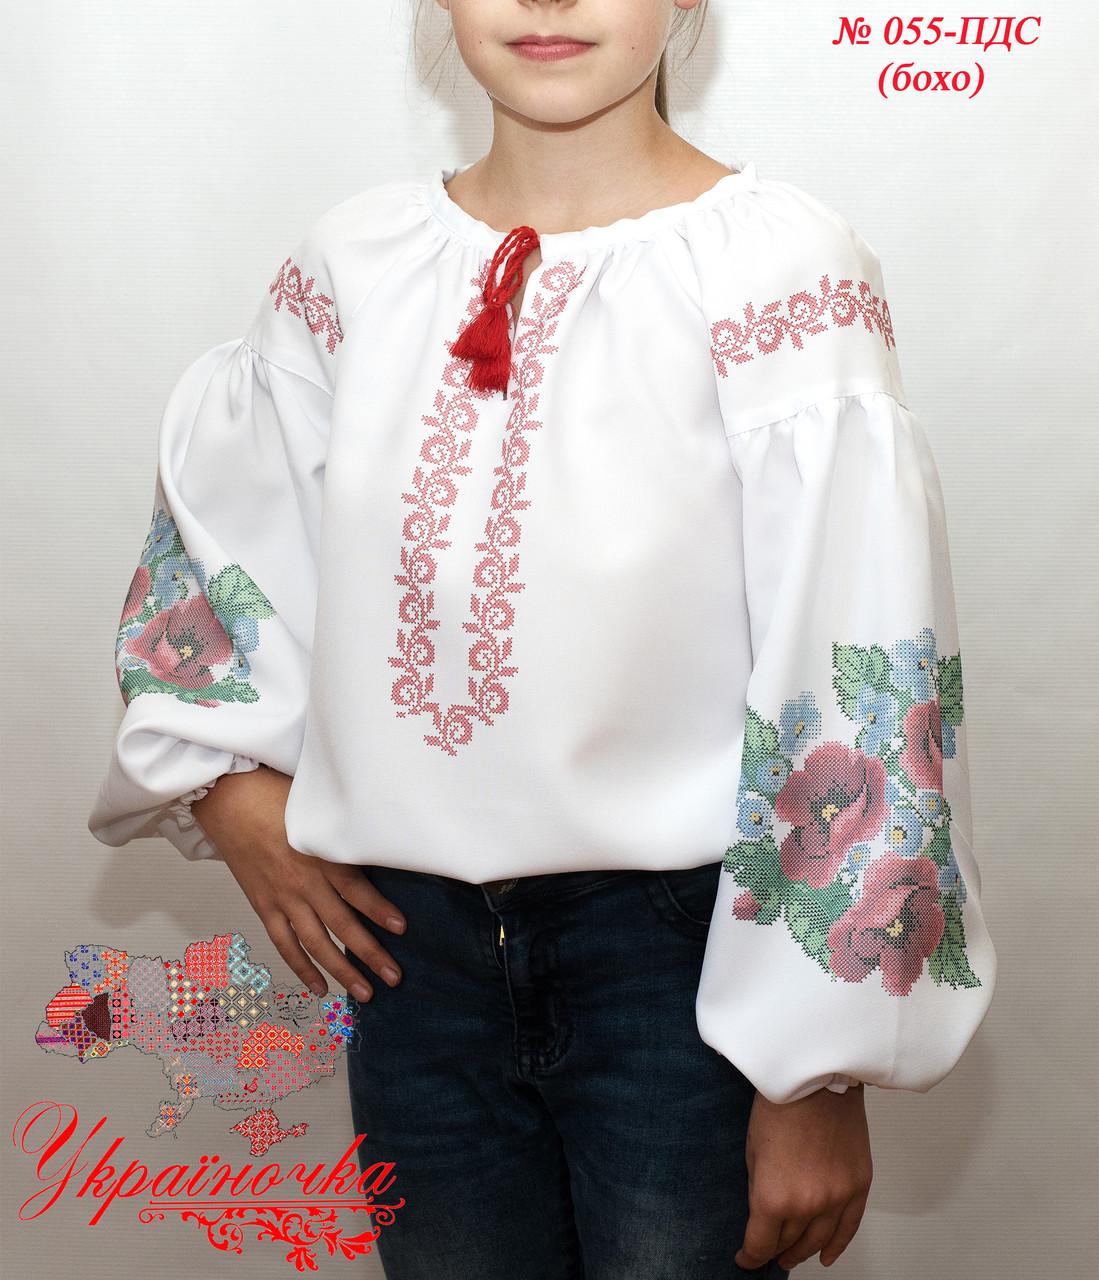 """Рубашка для девочки """"бохо"""" (Пошита заготовка) №055"""